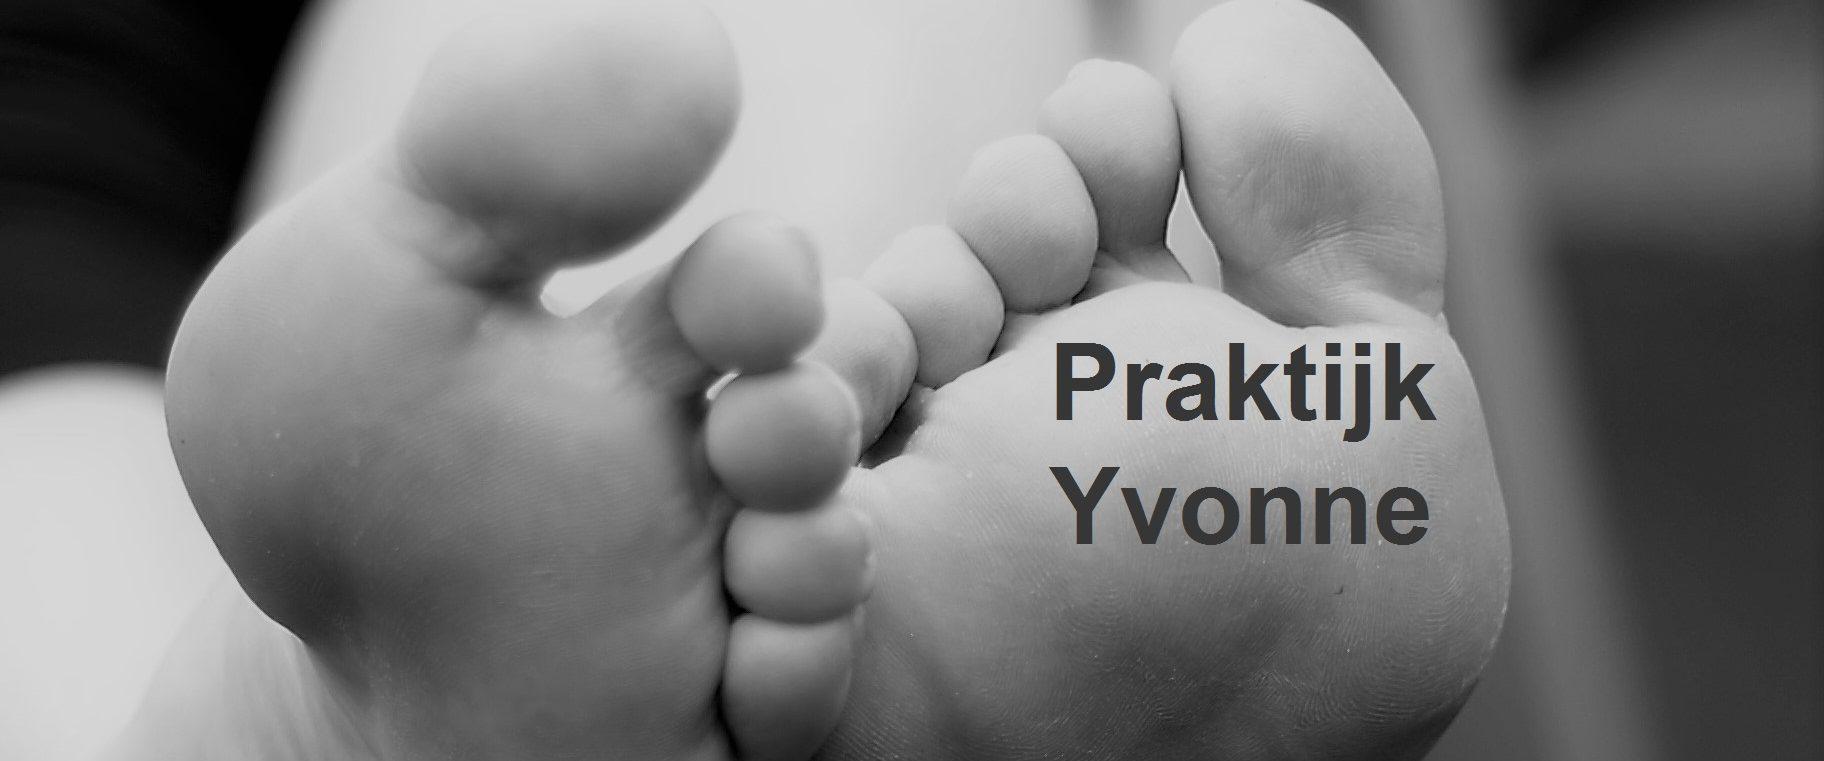 Praktijk Yvonne